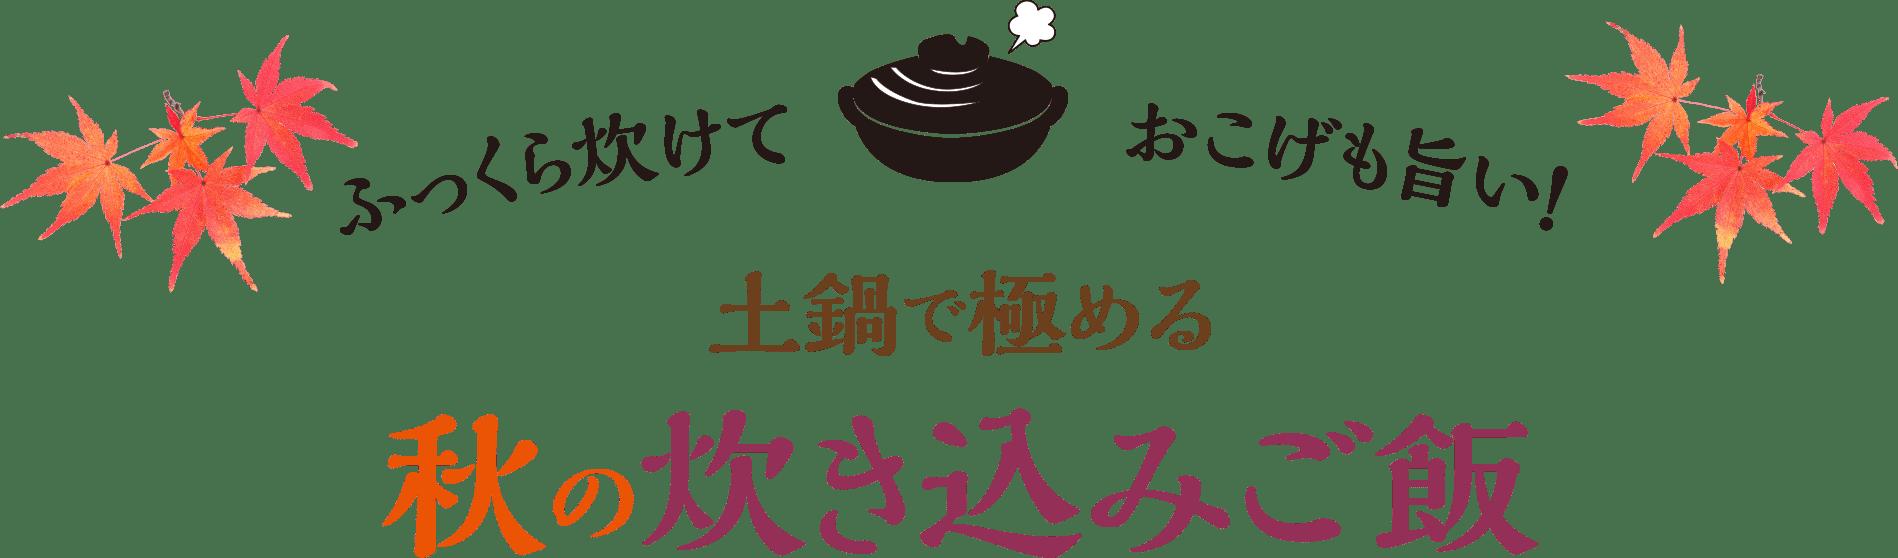 土鍋で極める秋の炊き込みご飯